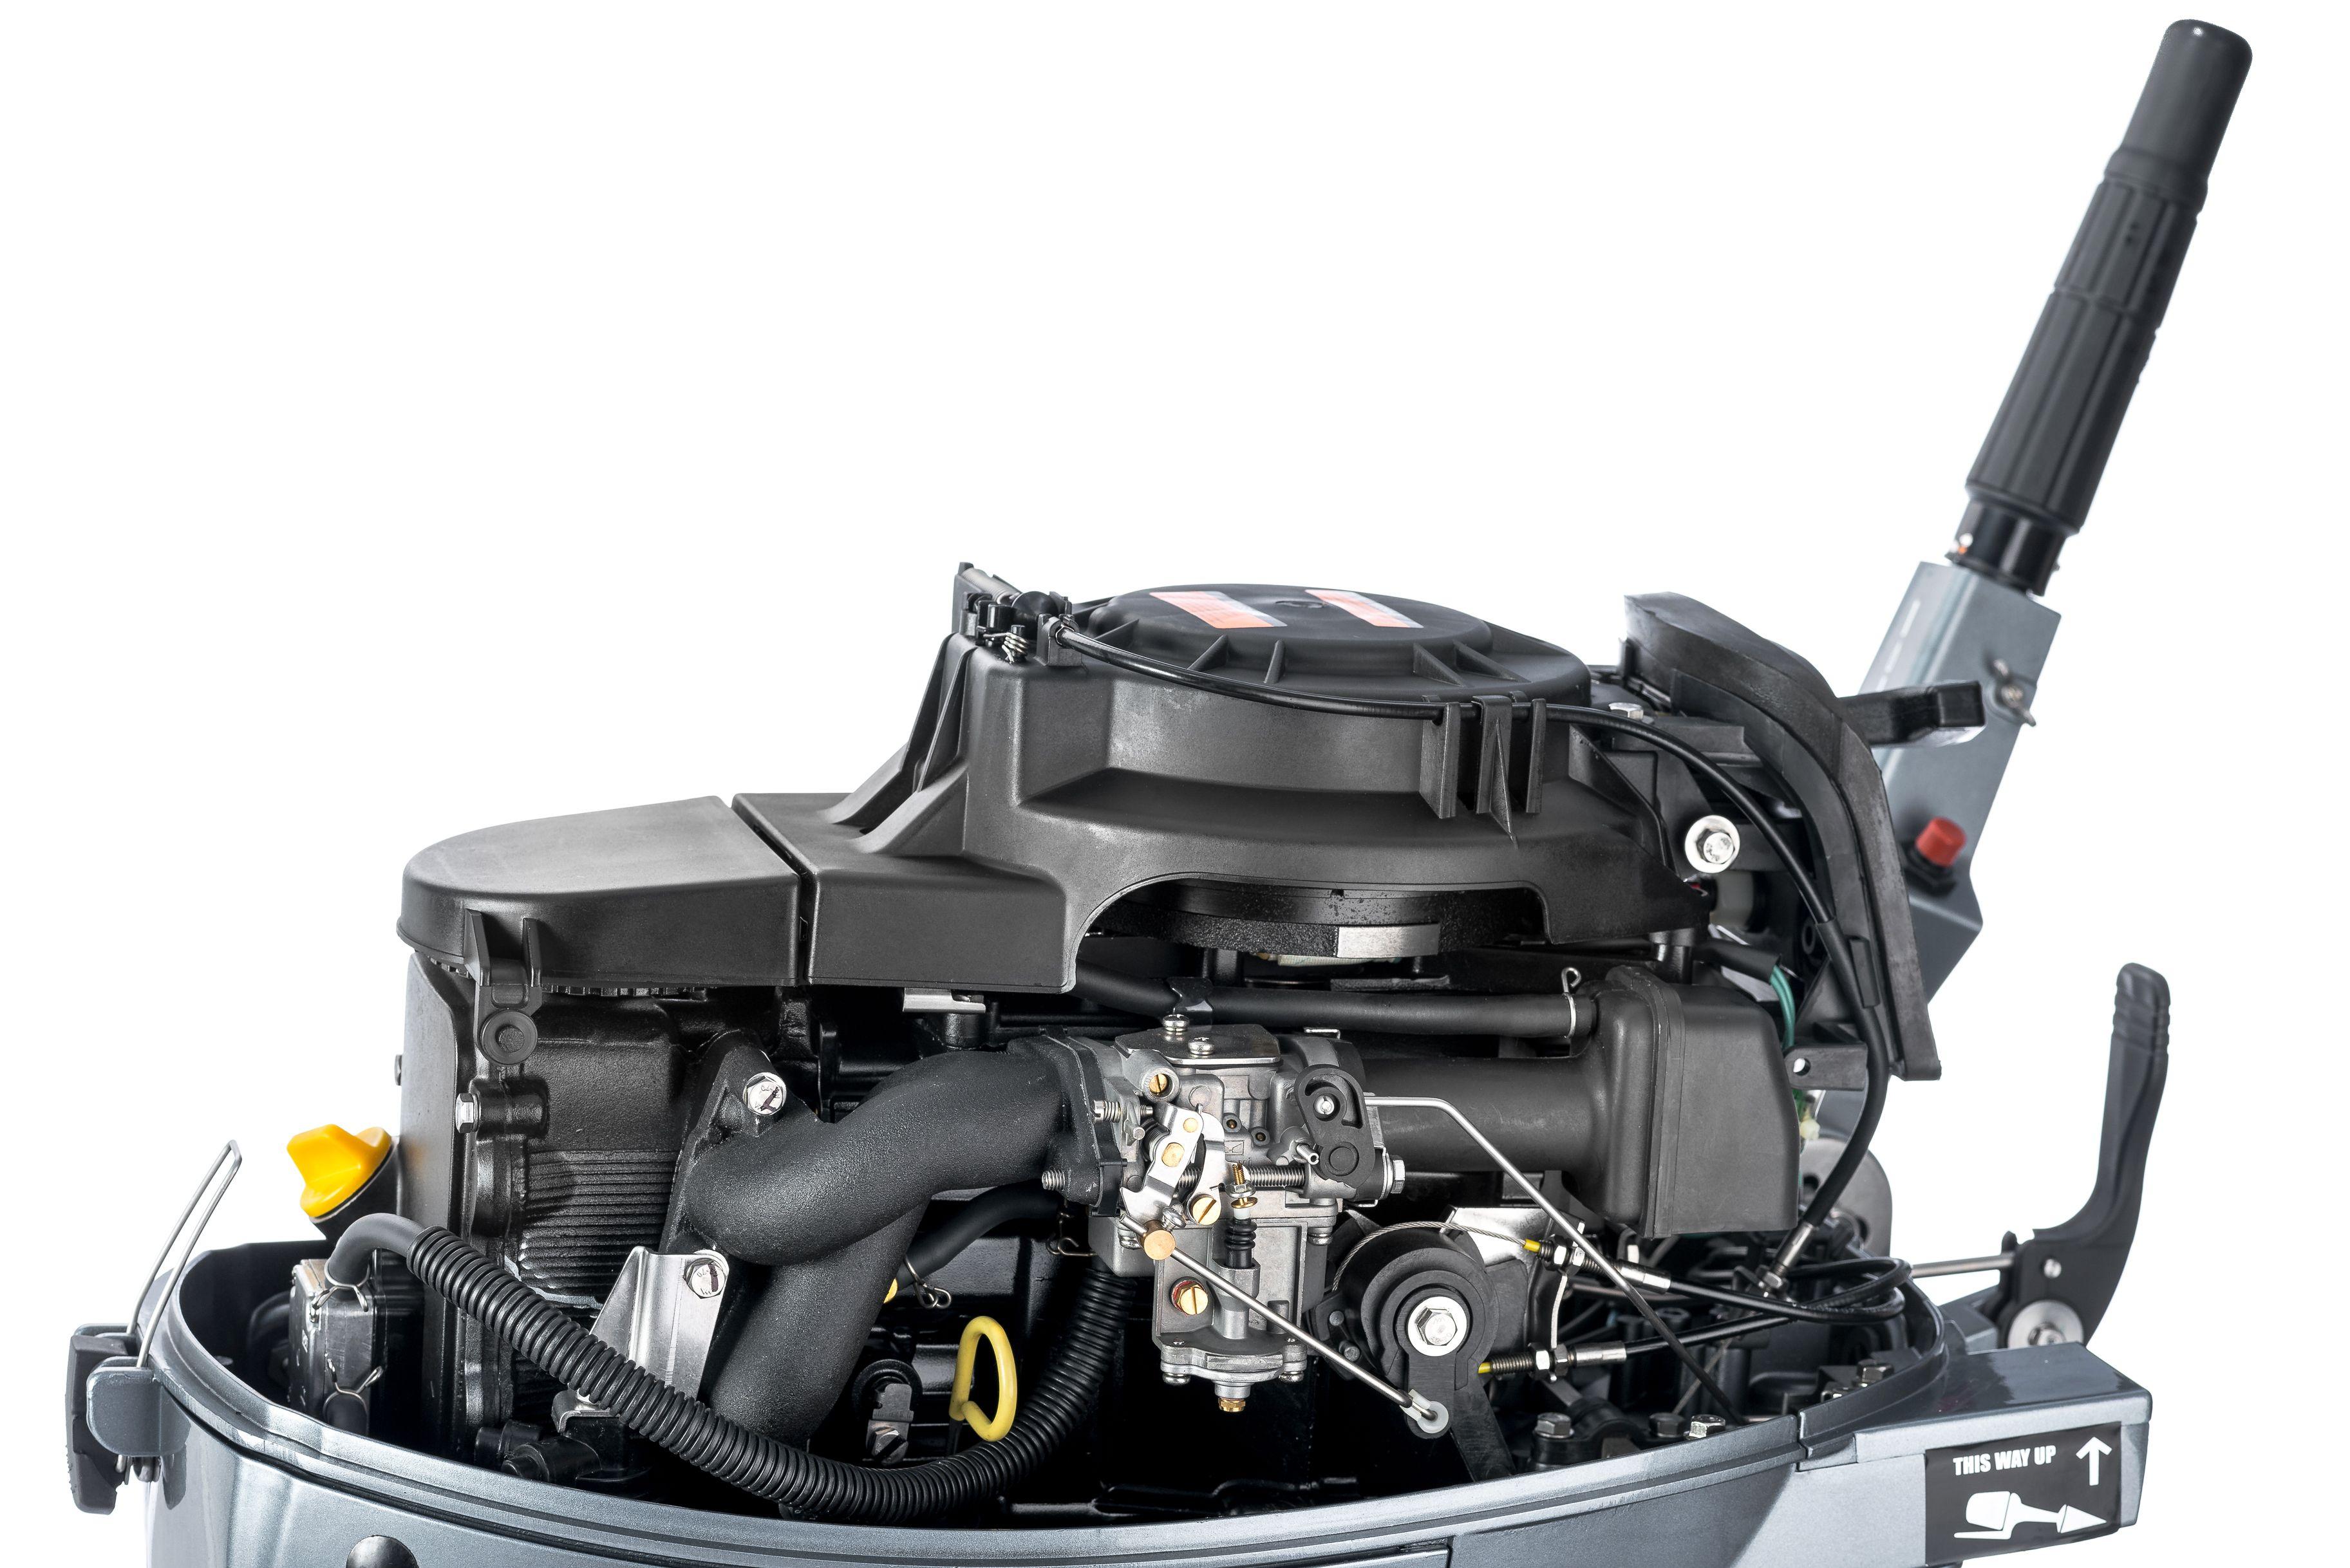 инструкция для владельцев лодочного мотора